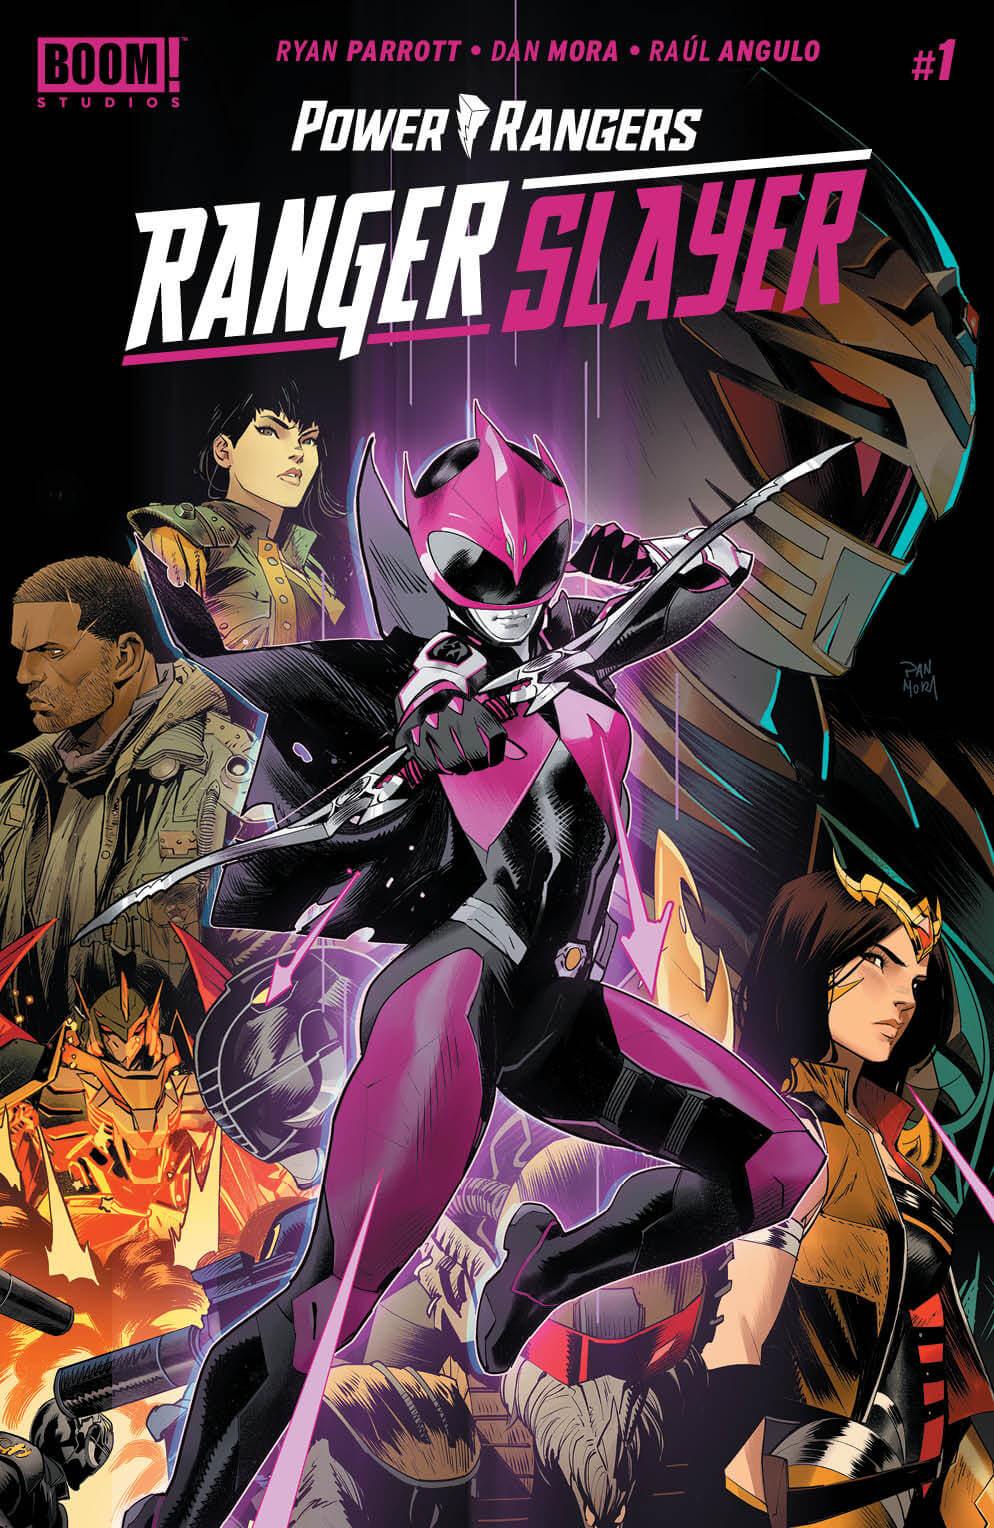 Power Rangers: Ranger Slayer #1 Cover A. Boom! Studios. June 2020